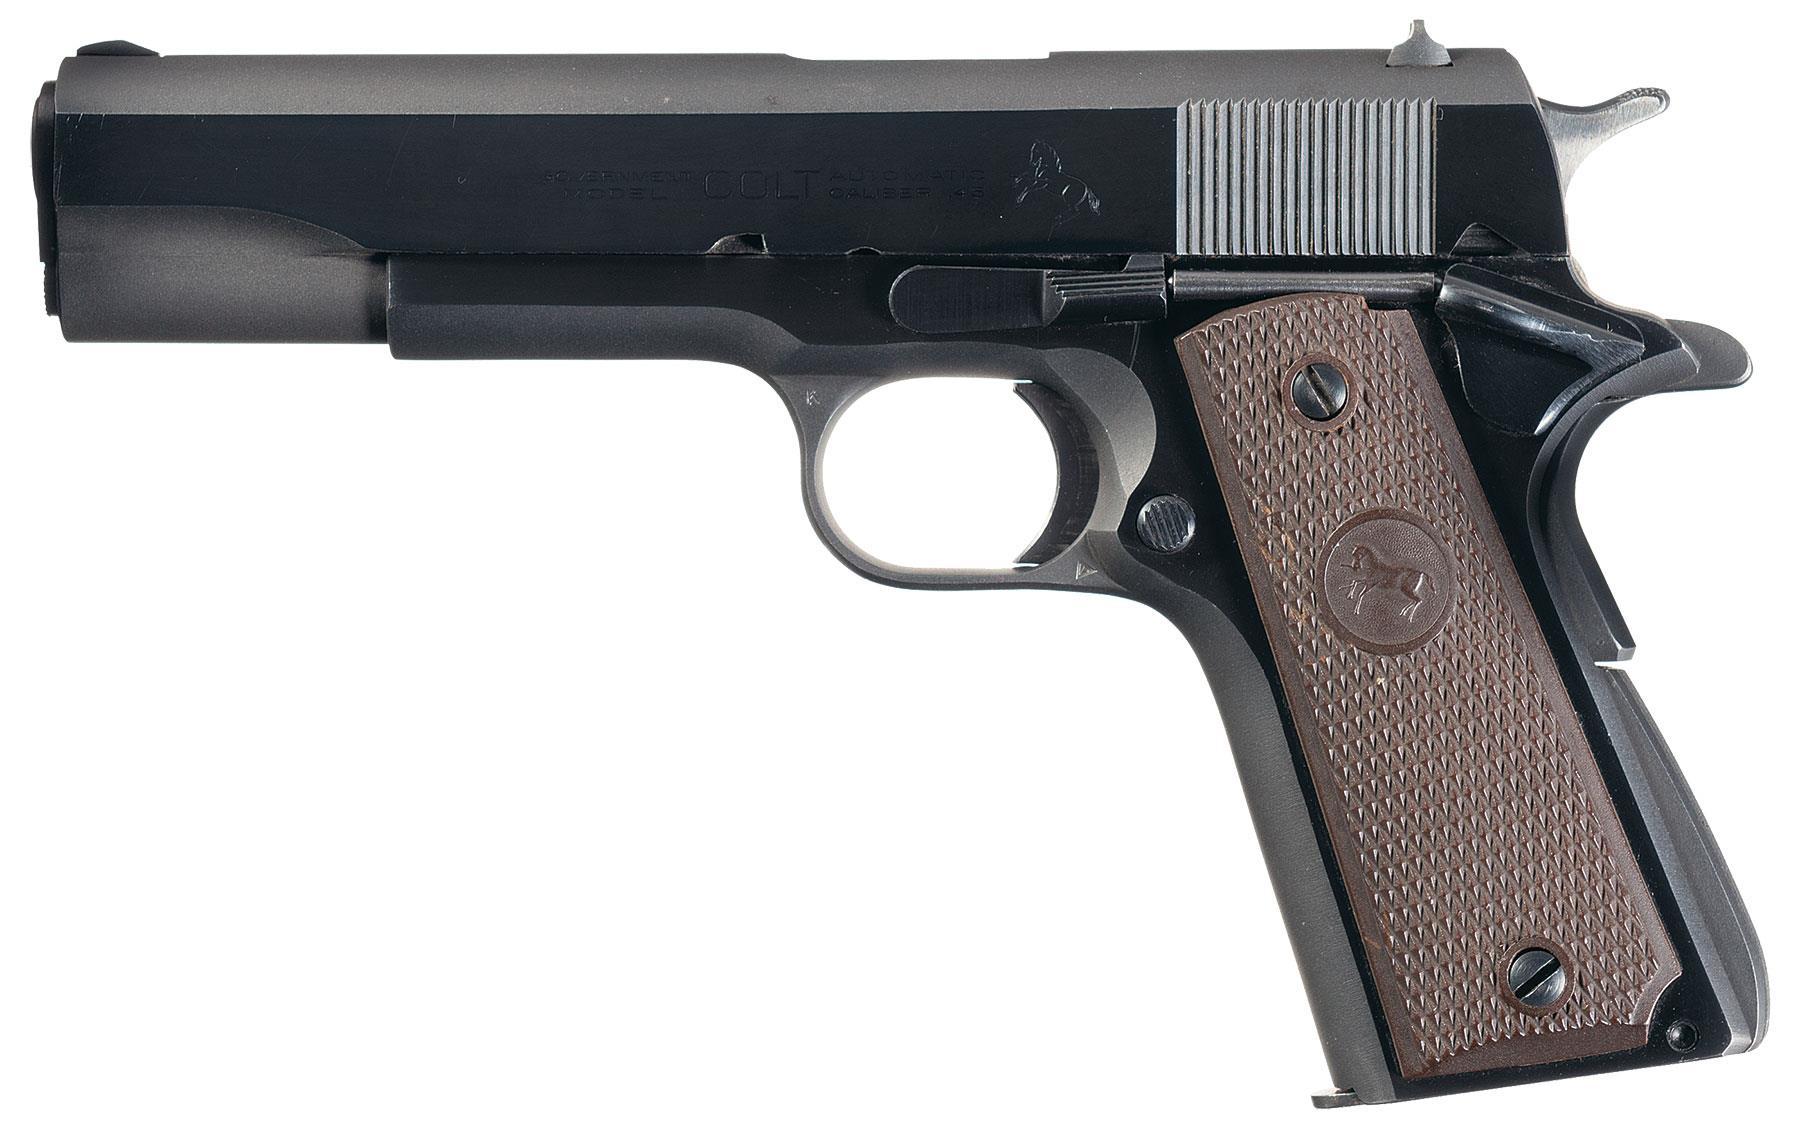 Colt Government Model Semi-Automatic Pistol-Pistol ...